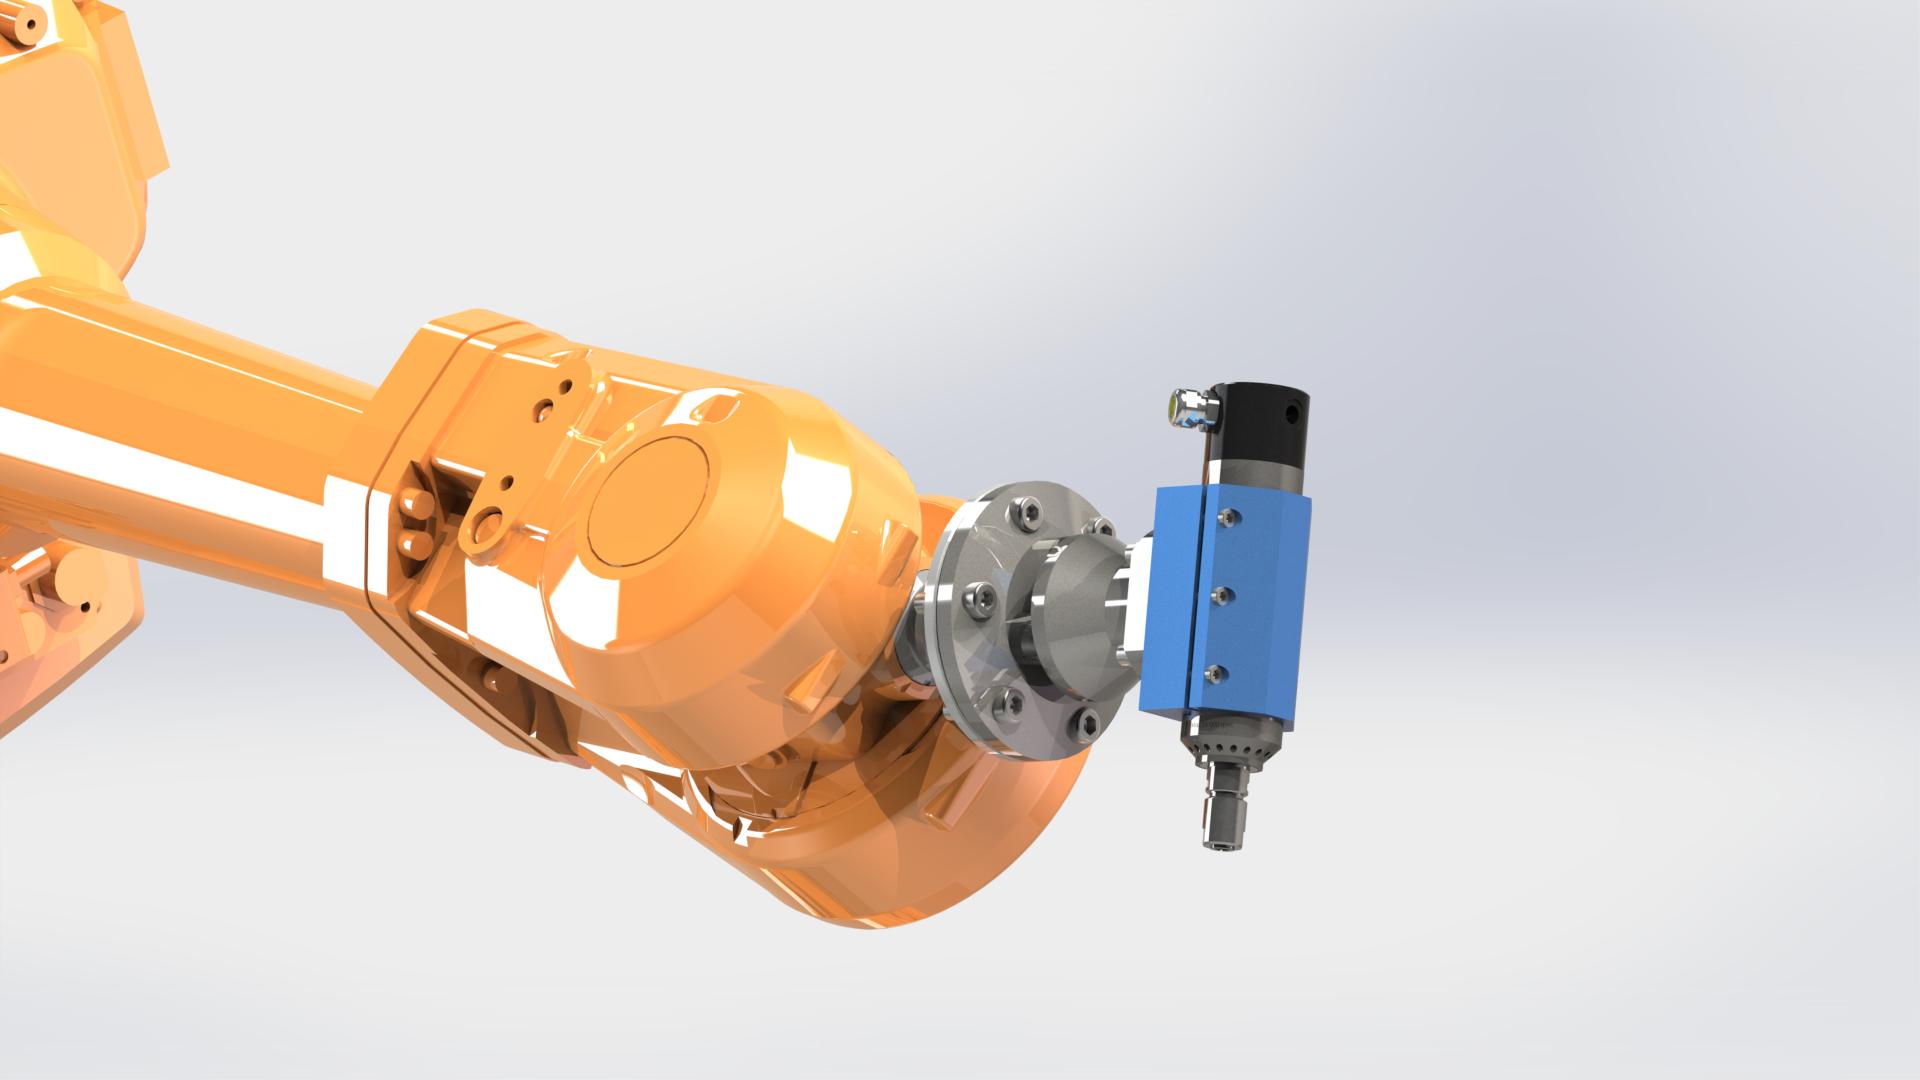 Spindelhållare med adapter anpassad till ABB IRB4600